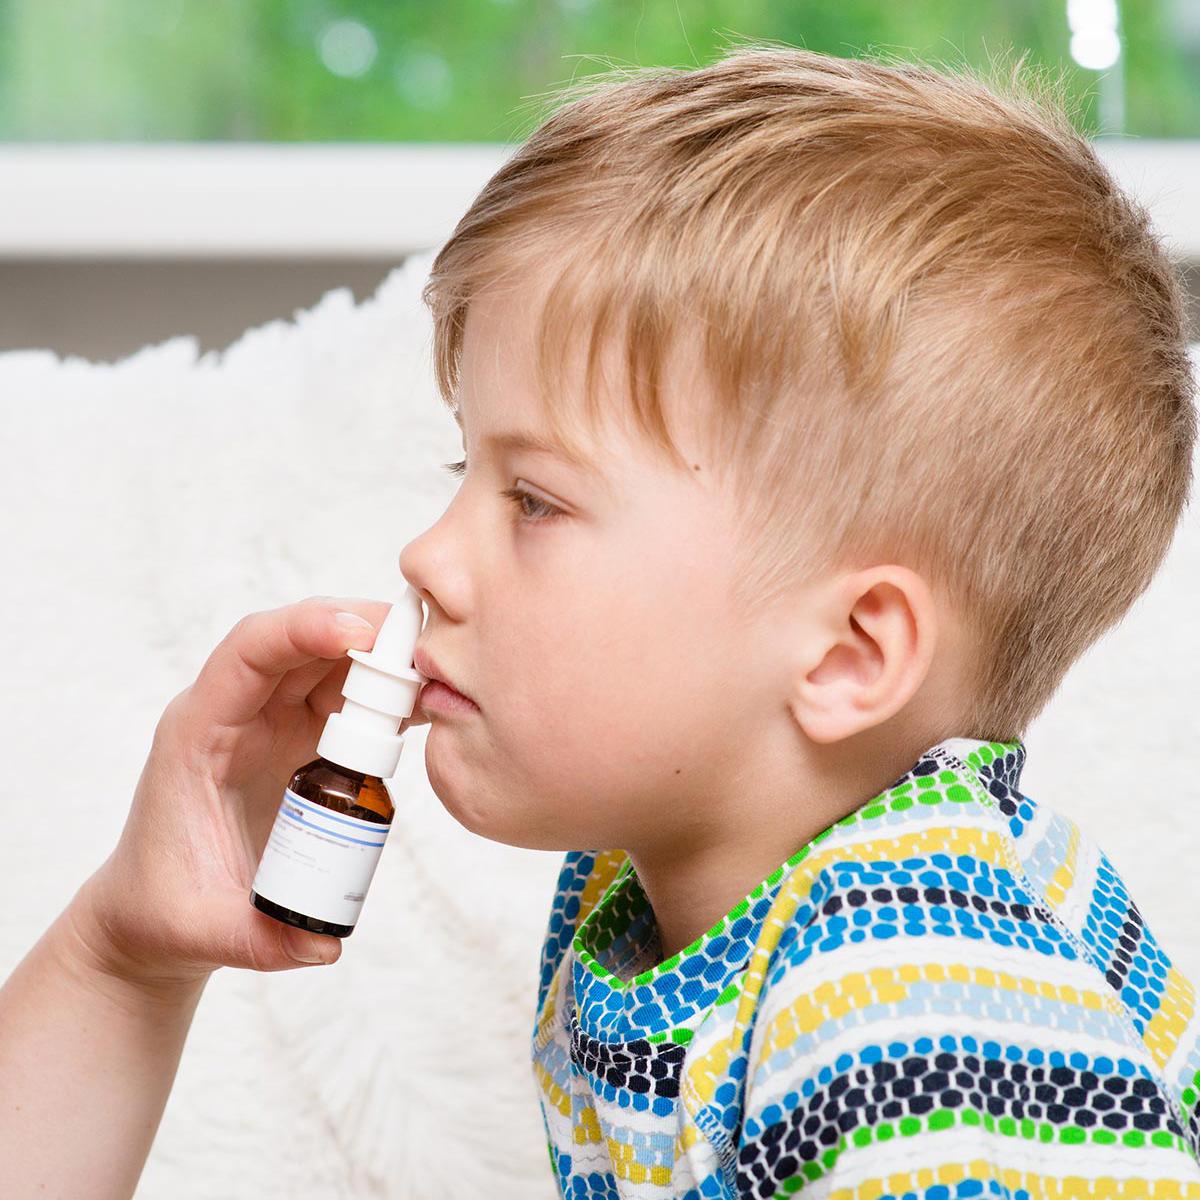 سینوزیت در کودکان و روش های درمانی آن